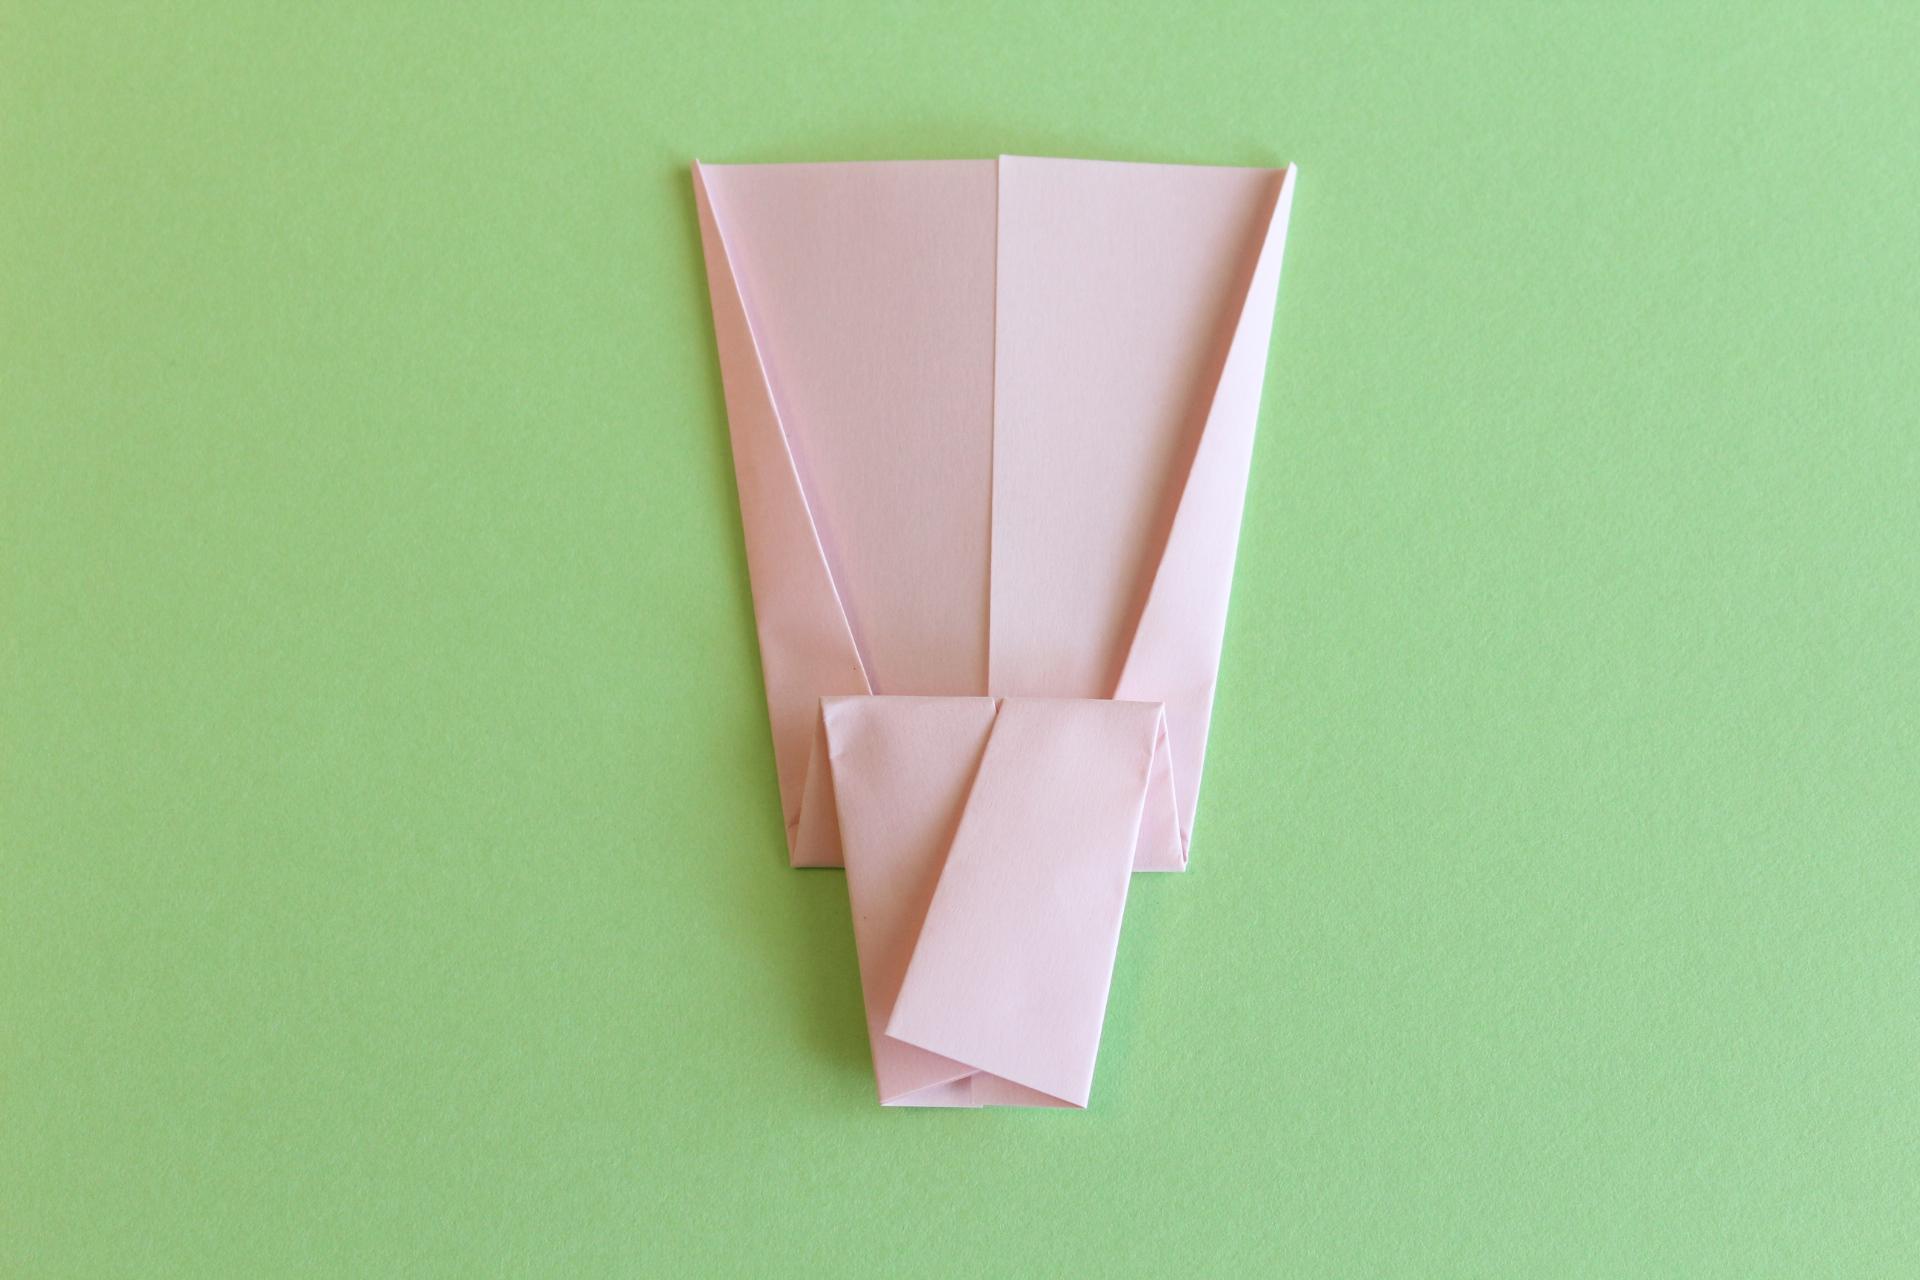 羽子板の折り方4